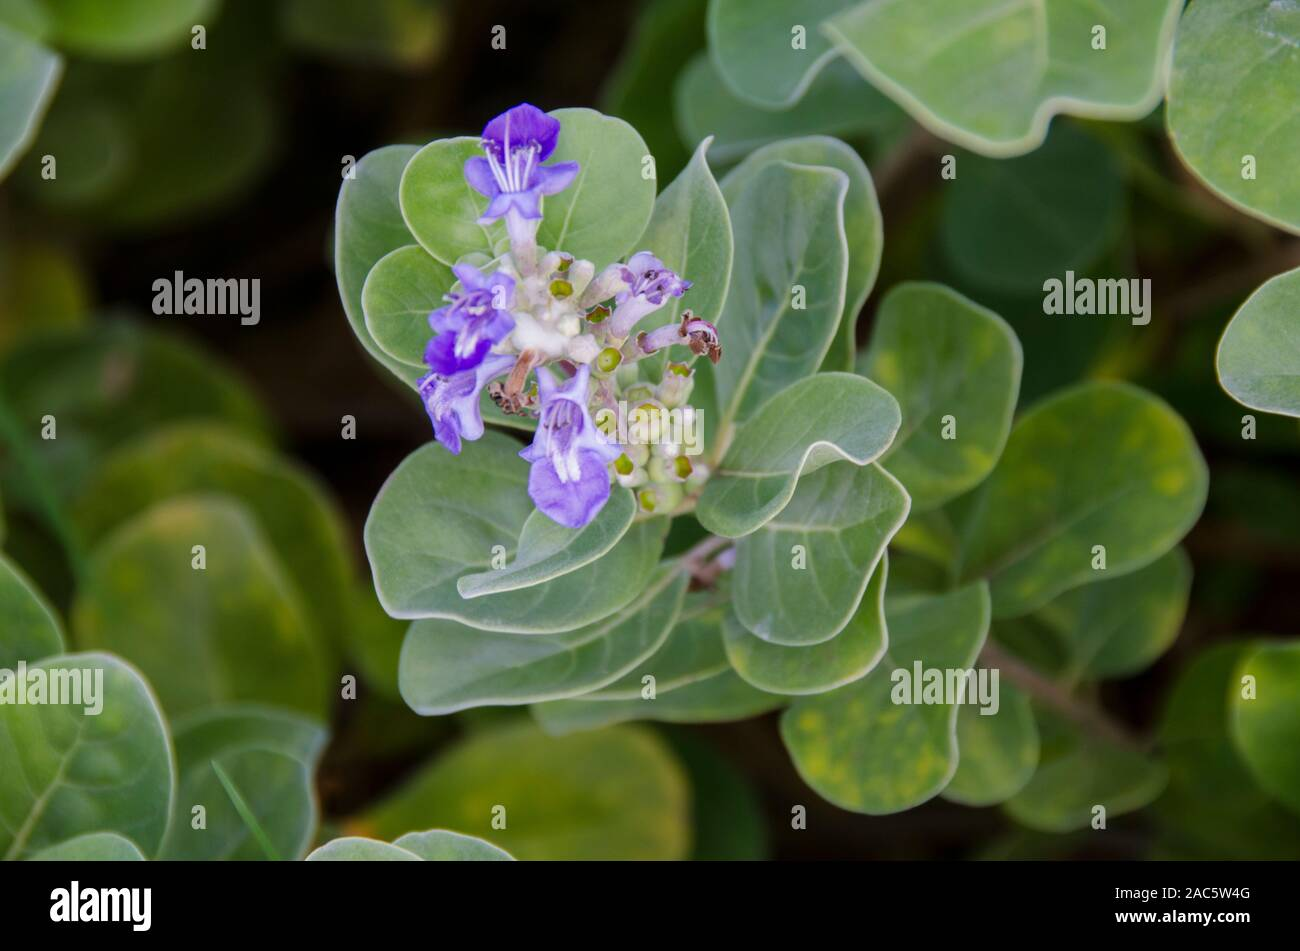 La planta de los hawaianos nativos Pohinahina tiene forma de campana flores con pétalos de color azul violáceo. Foto de stock